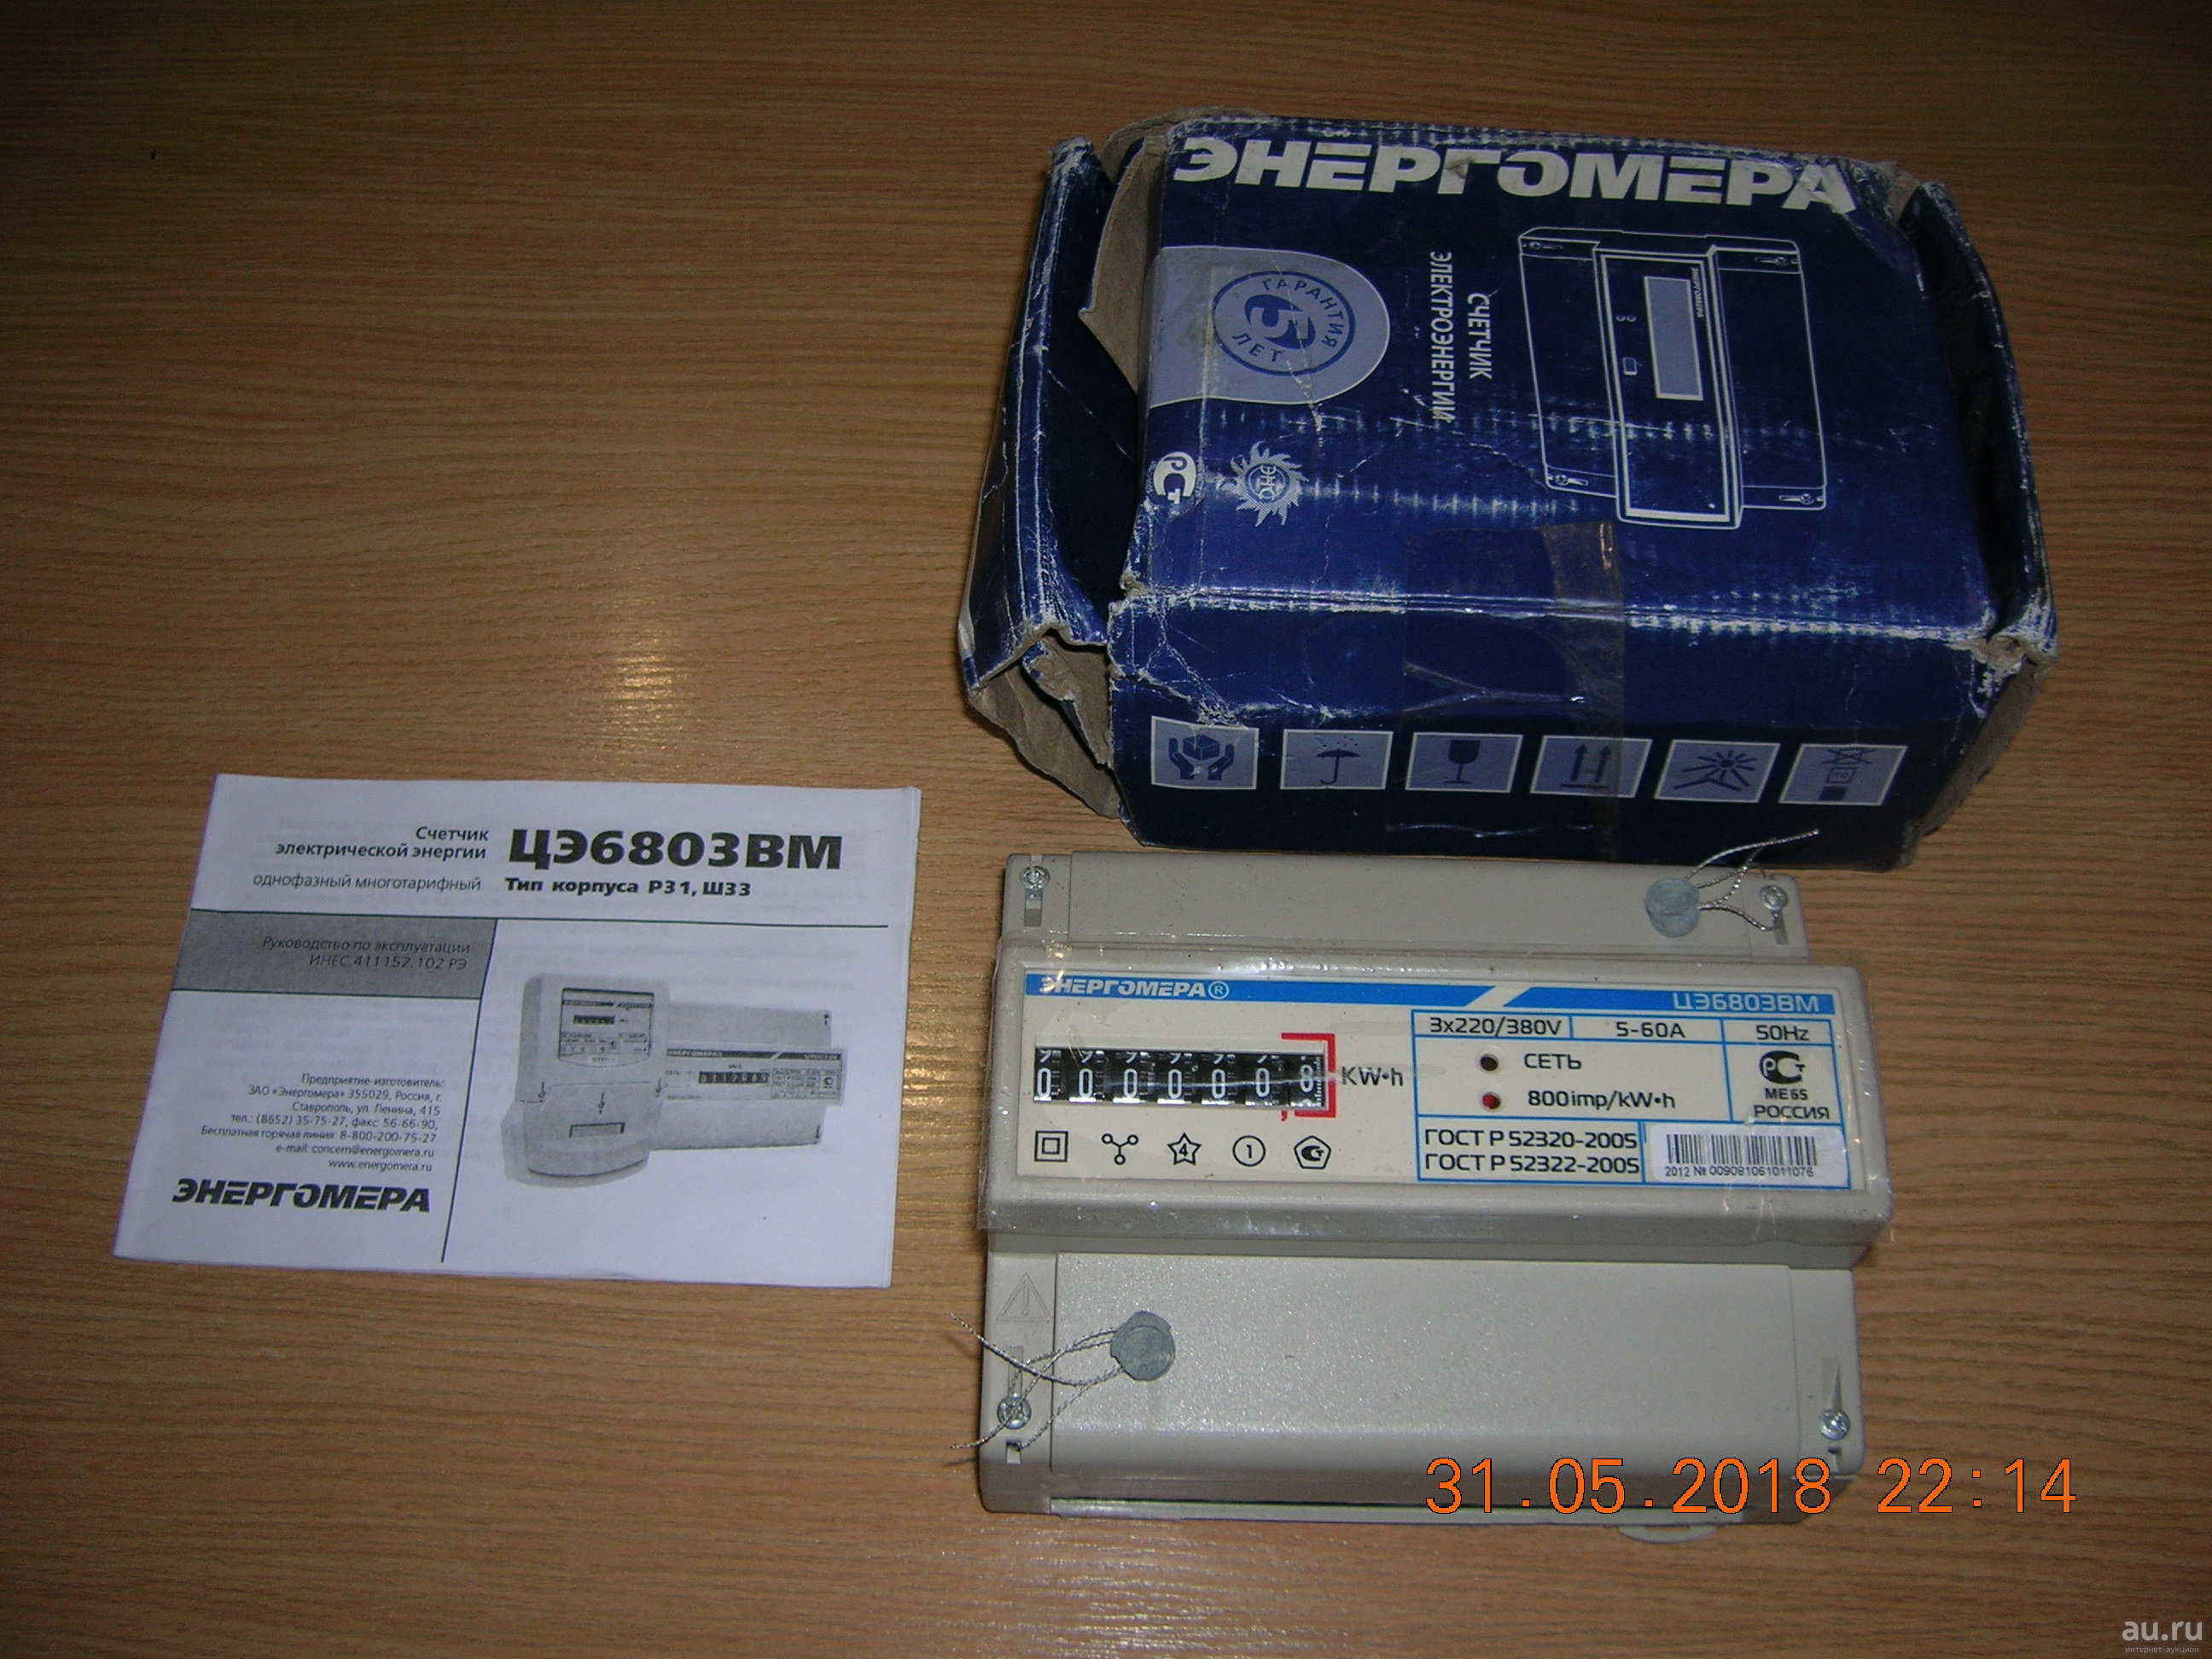 Обзор однофазного электрического счетчика энергомера се 101